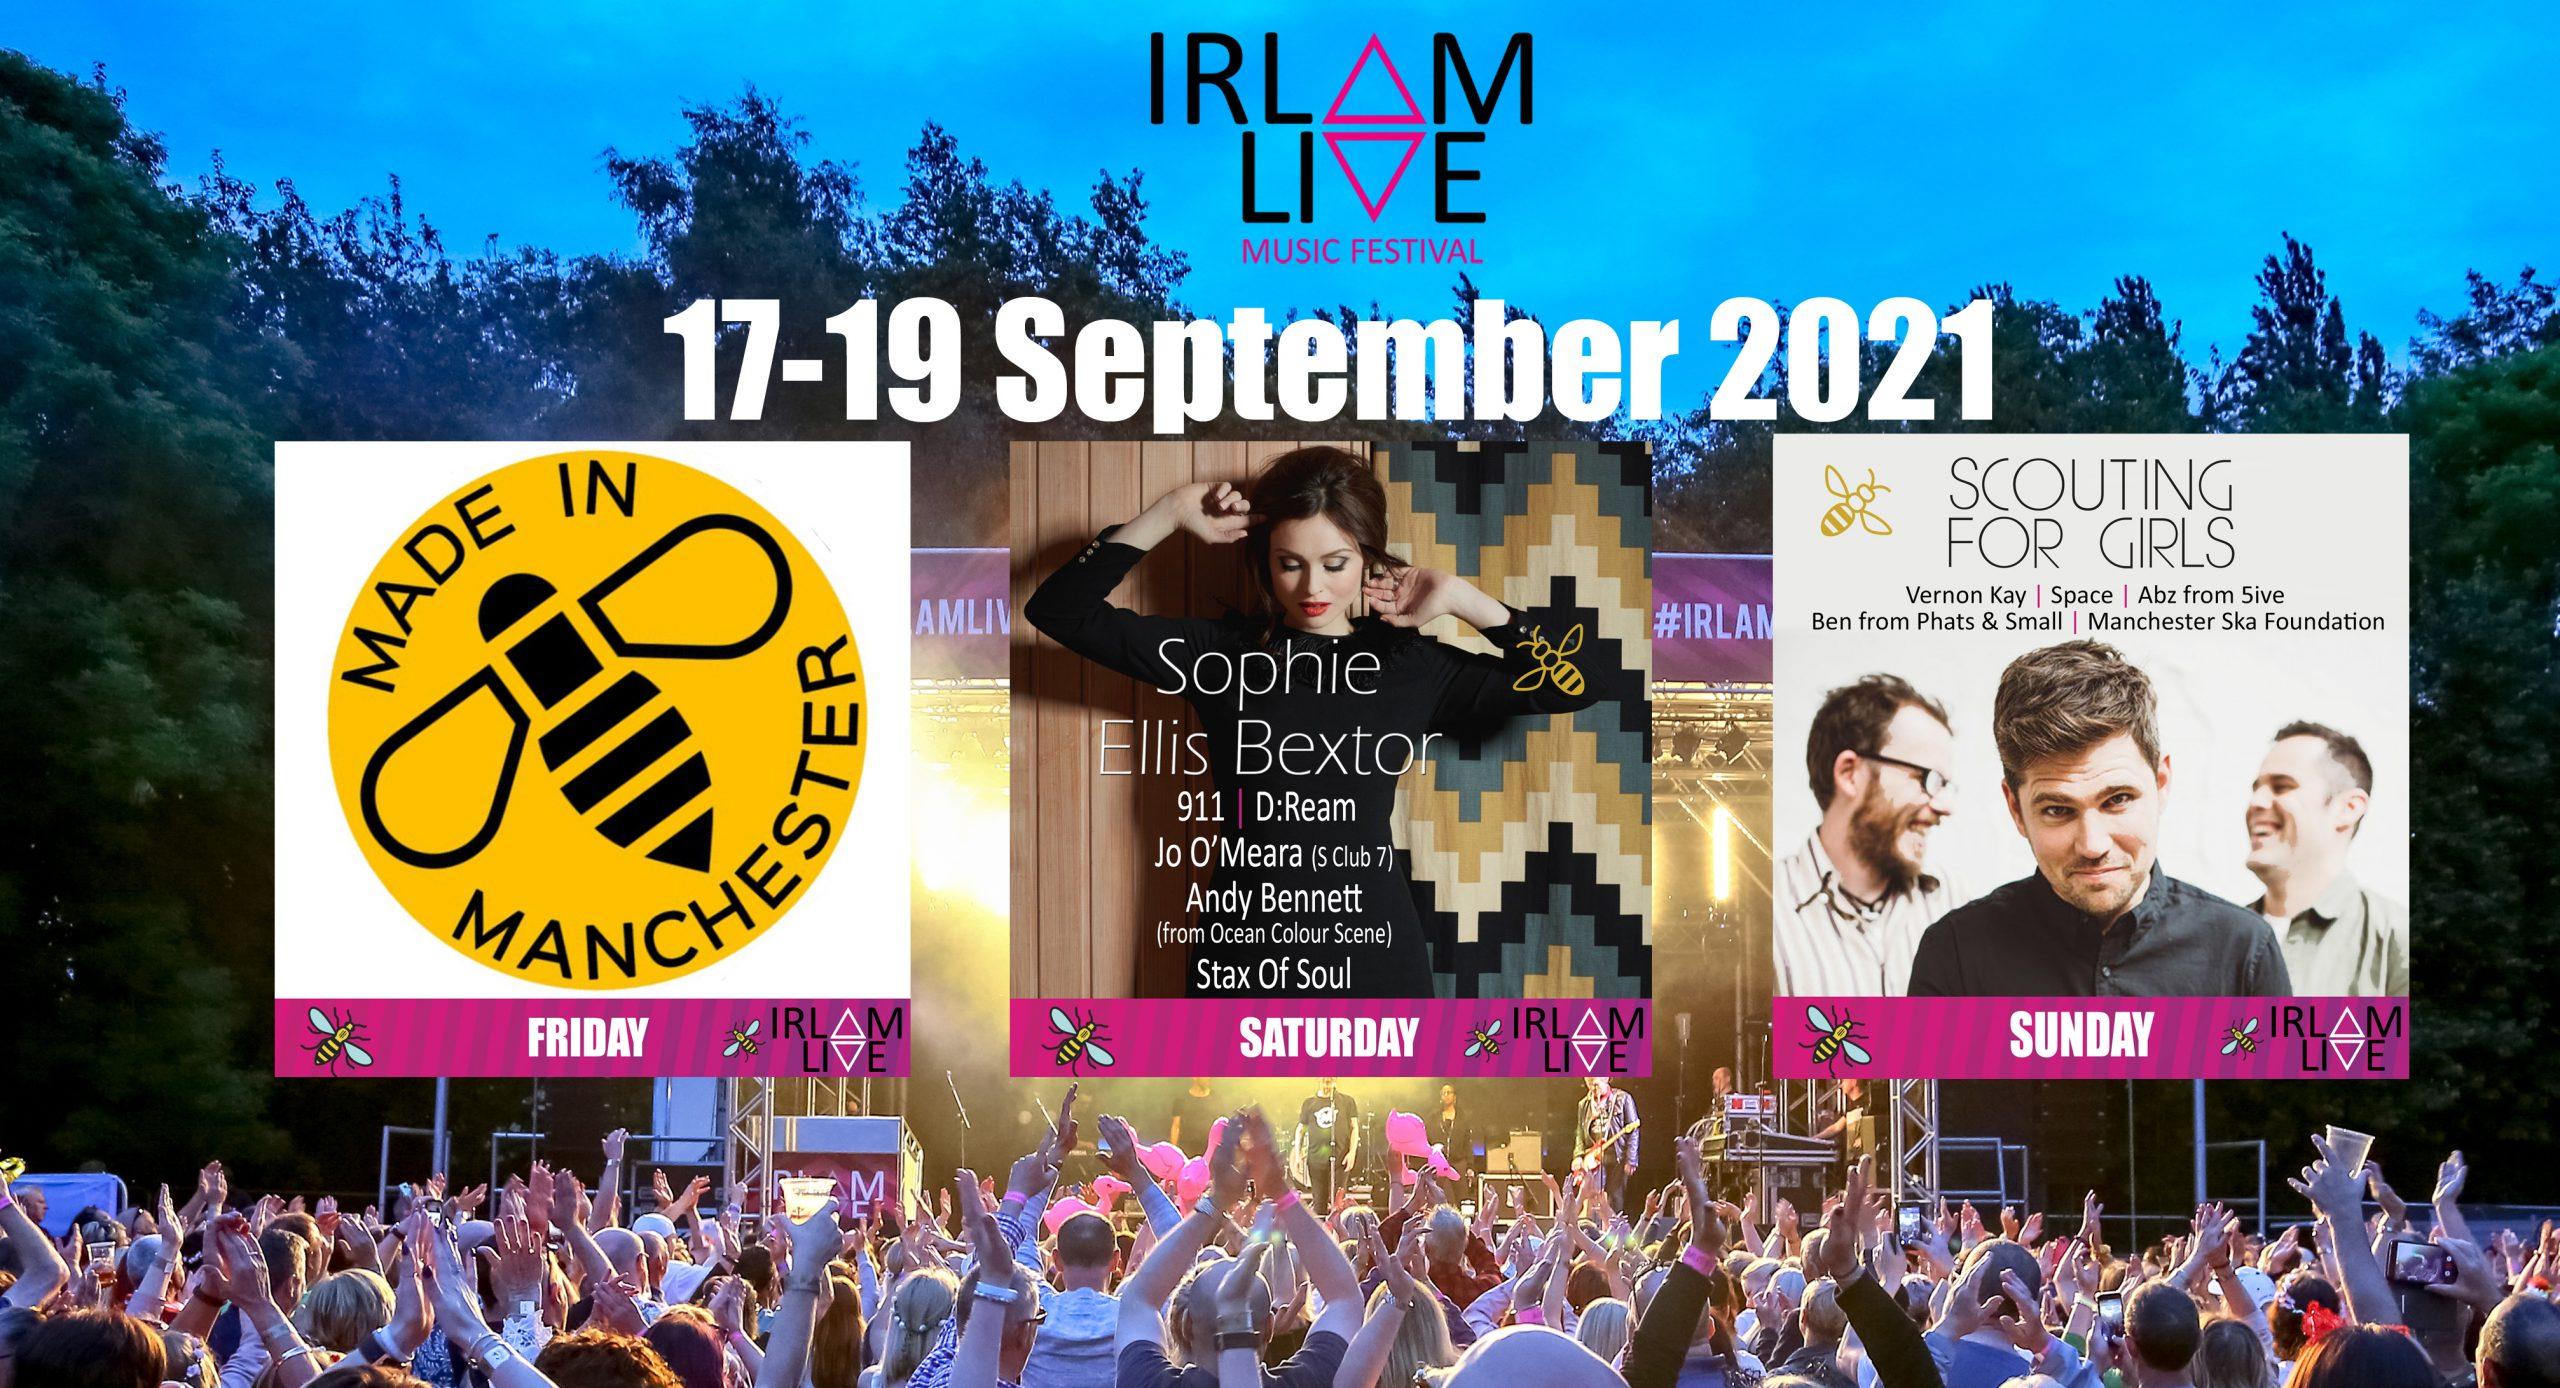 Multisol sponsors Irlam Live 2021